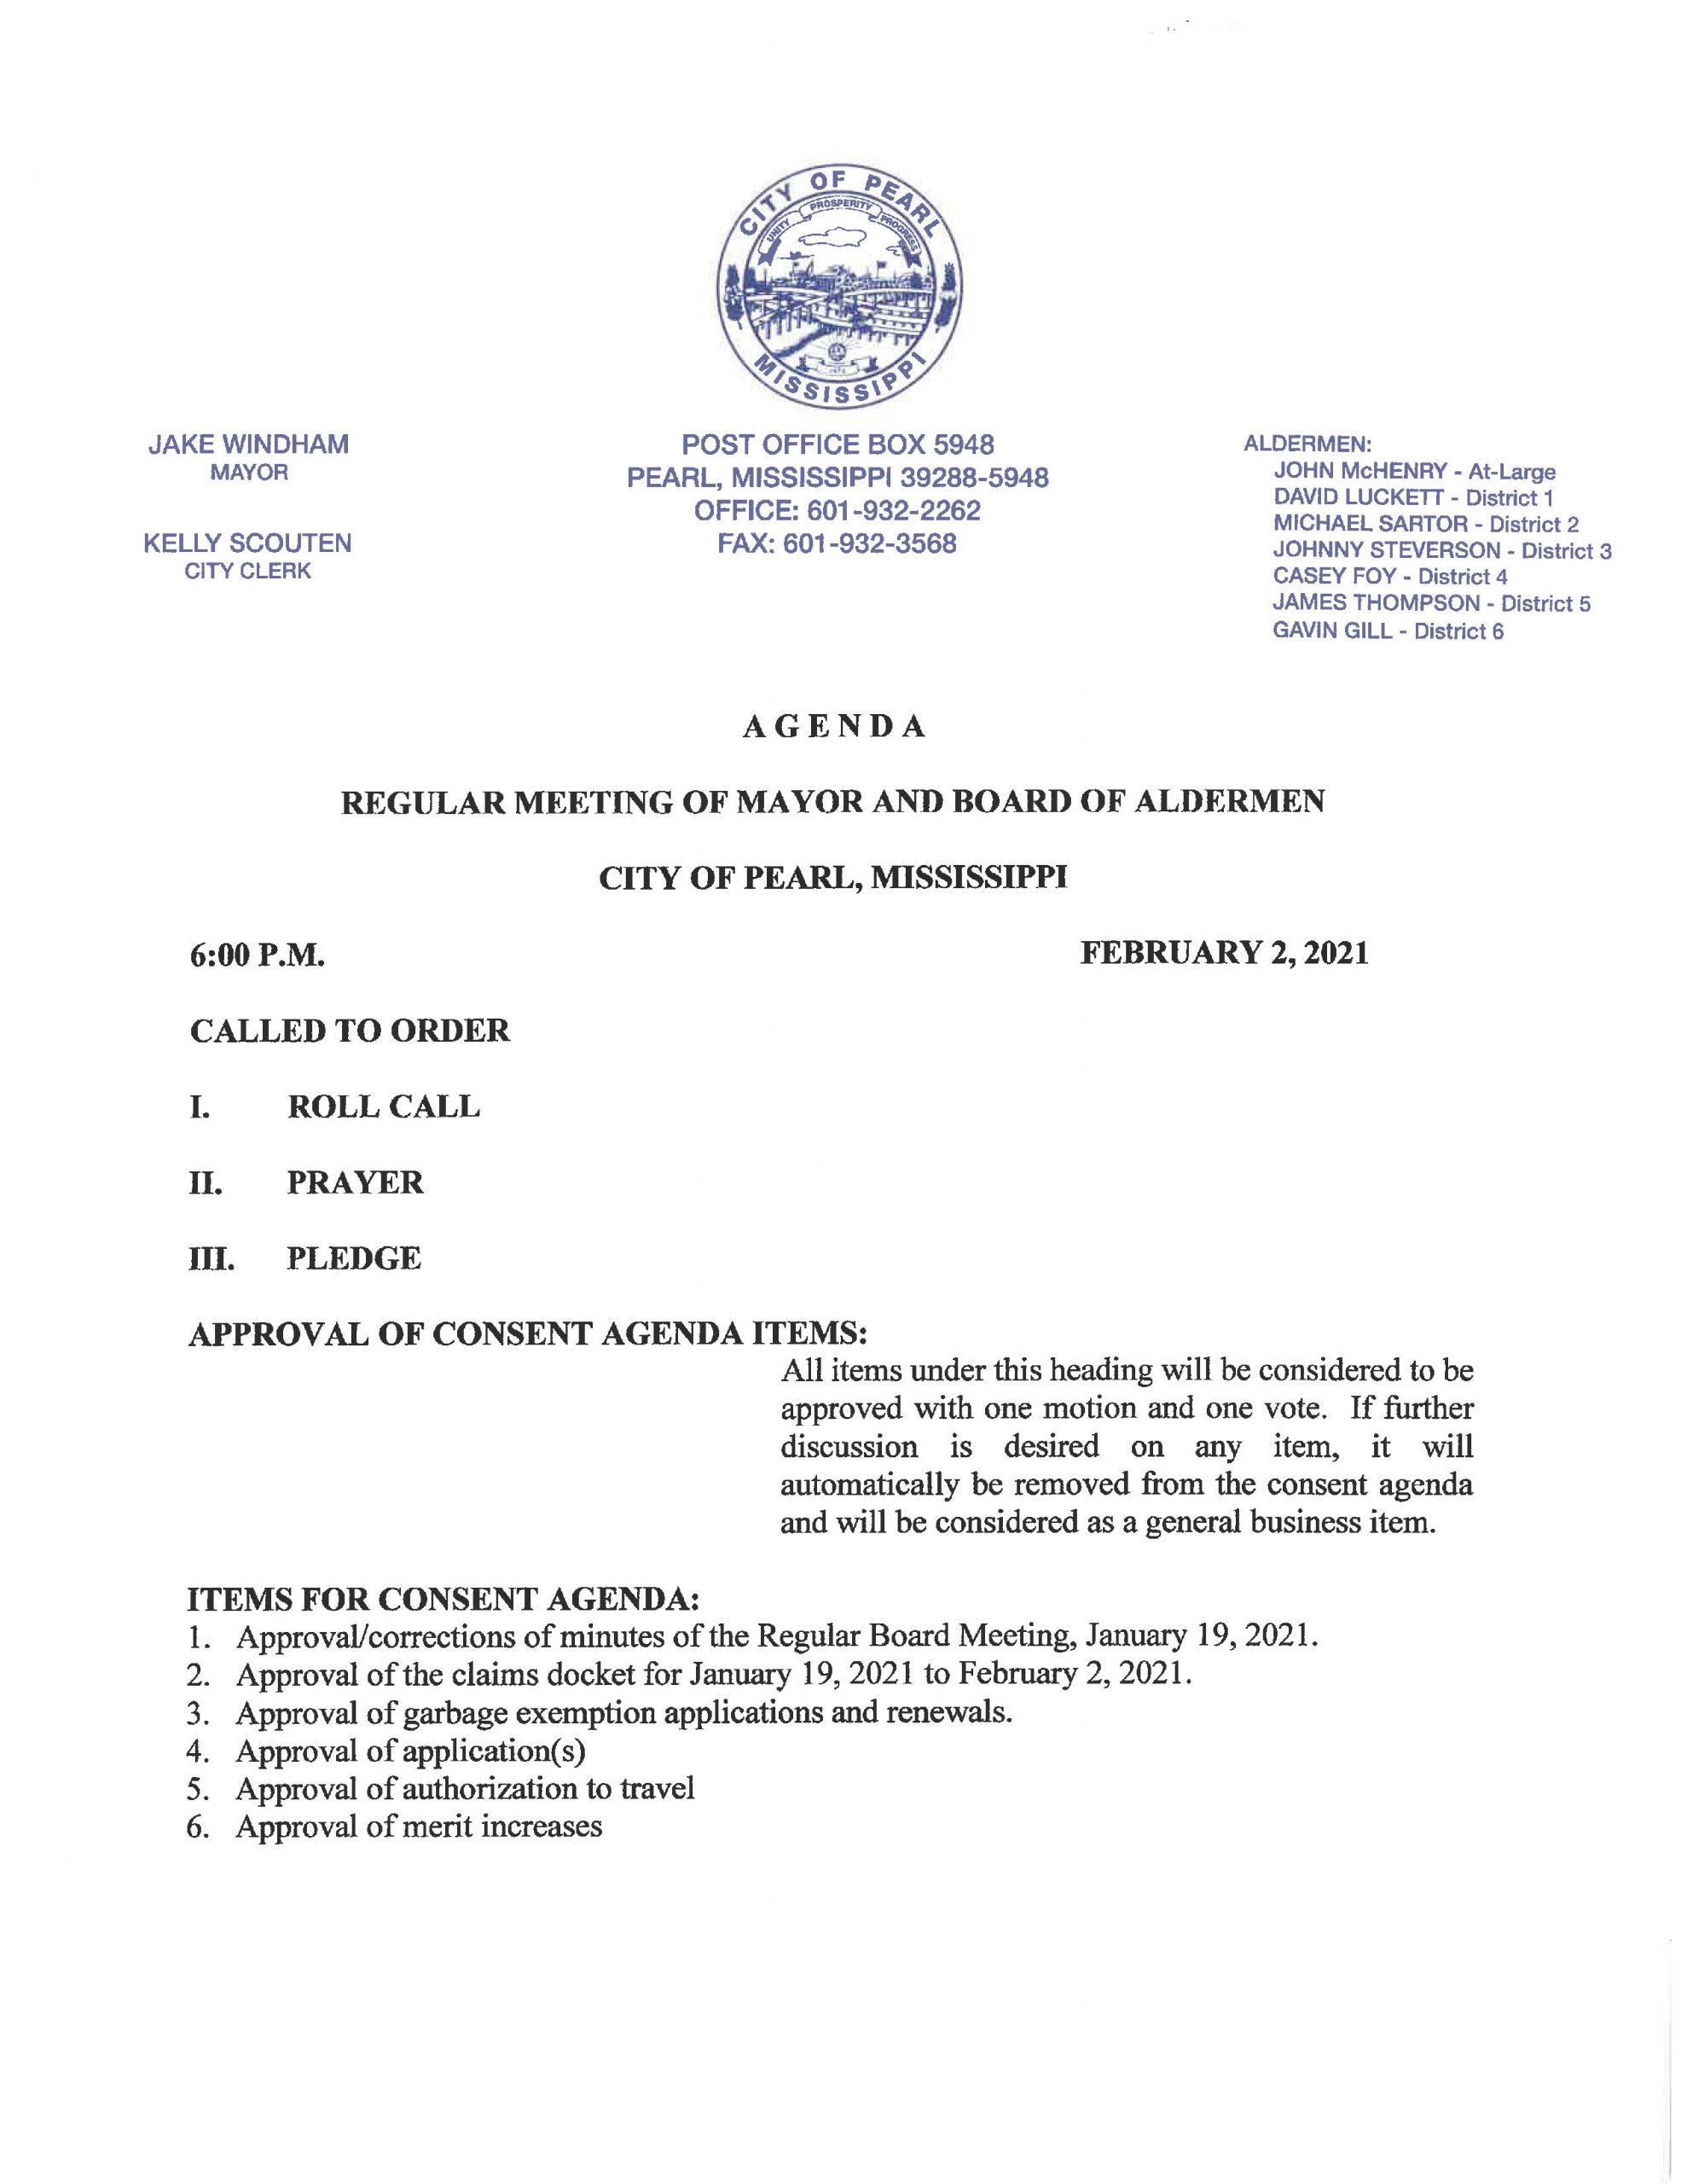 Agenda Feb 2 2021_Page_1